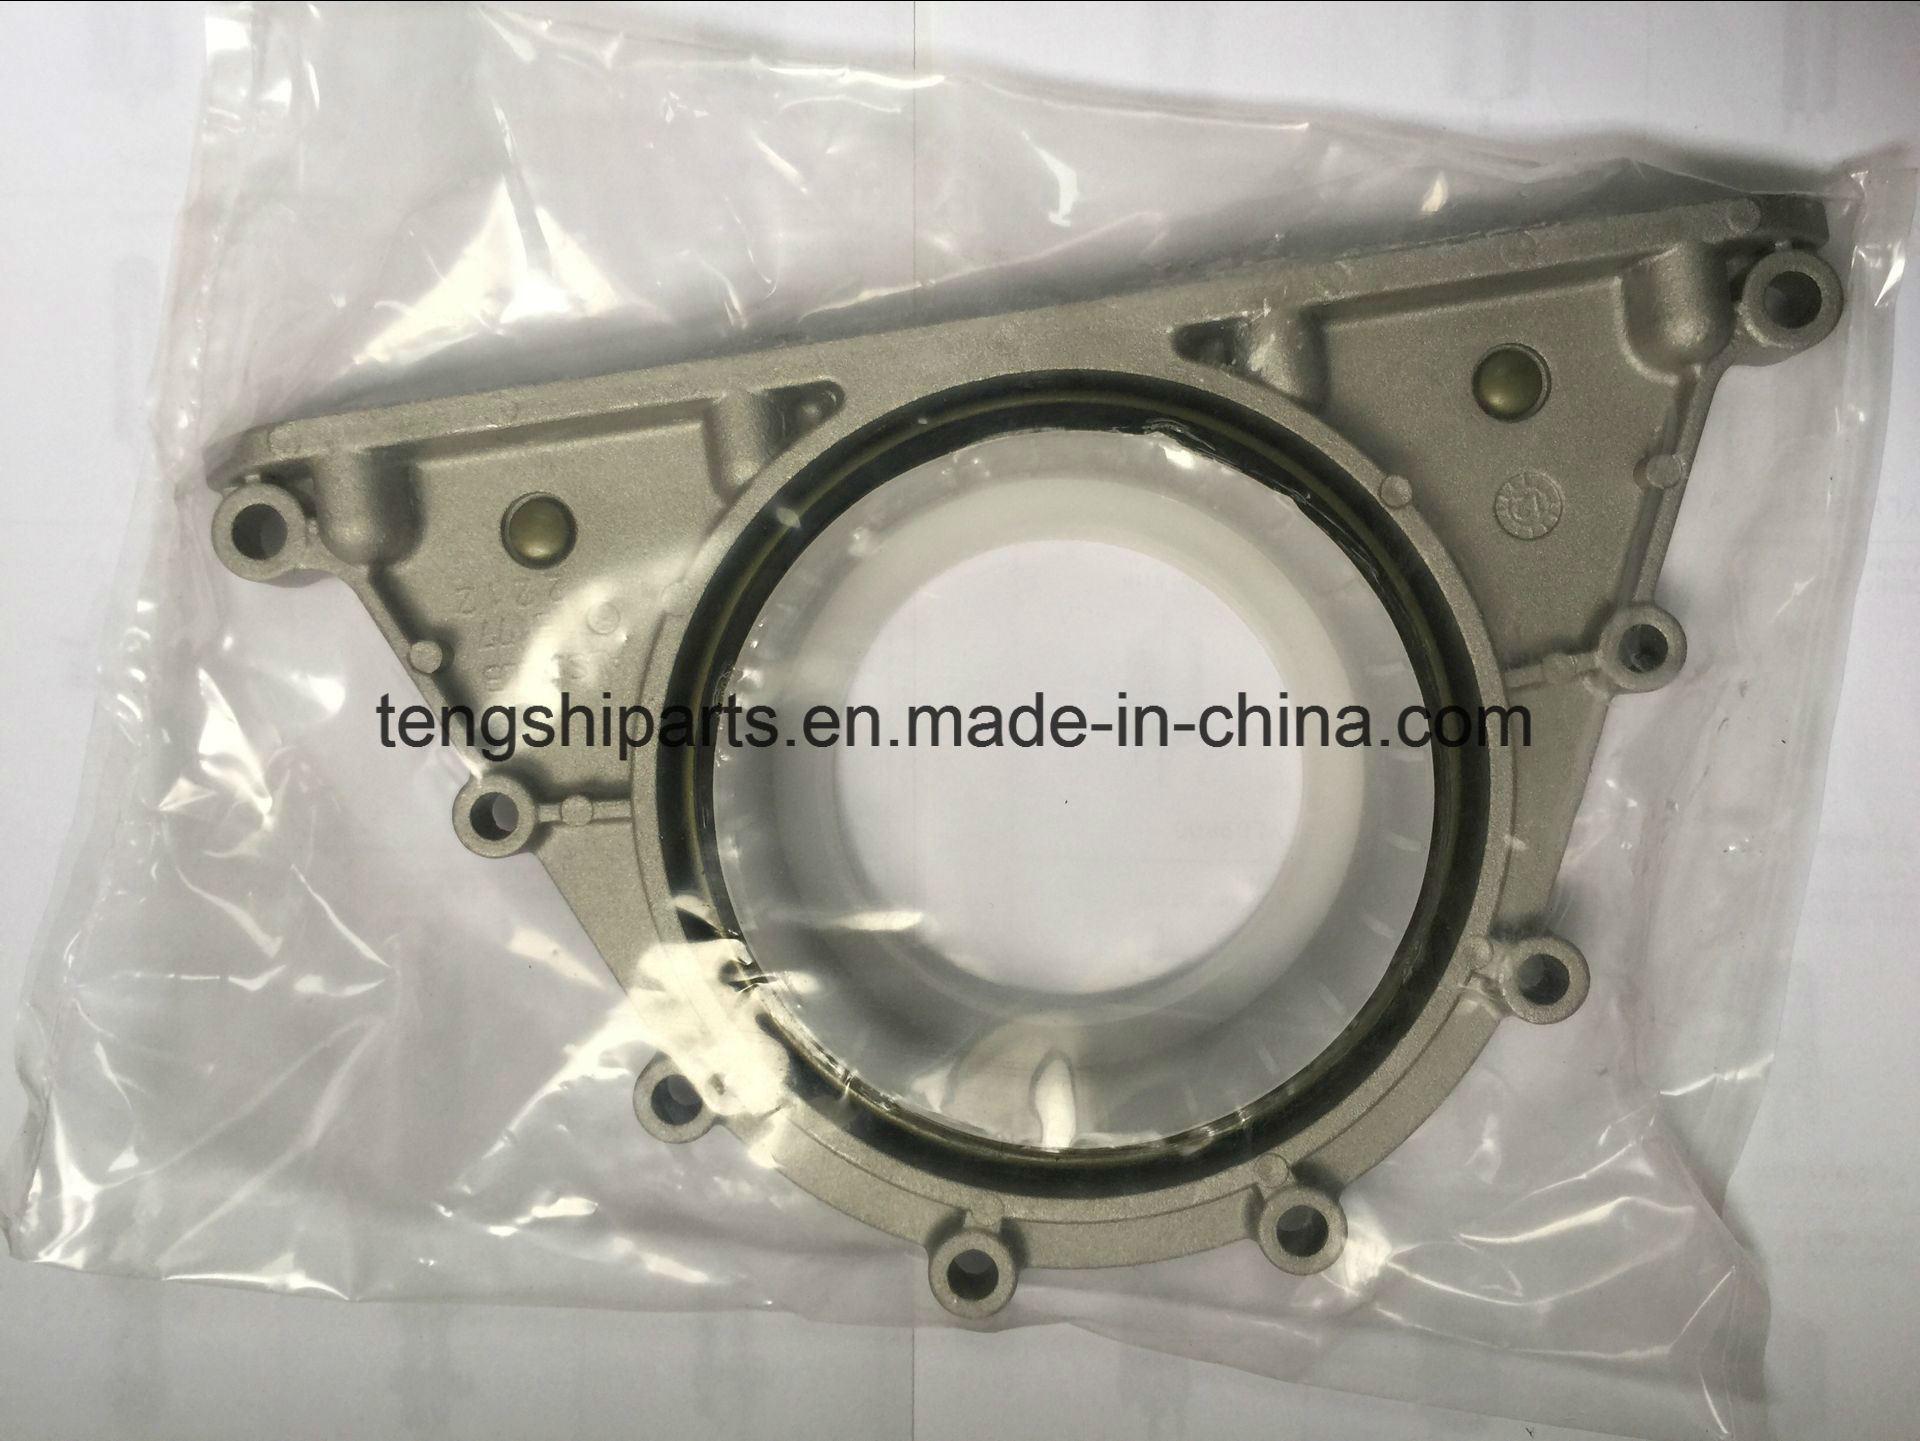 Crankshaft Oil Seal for BMW X5 (E70)